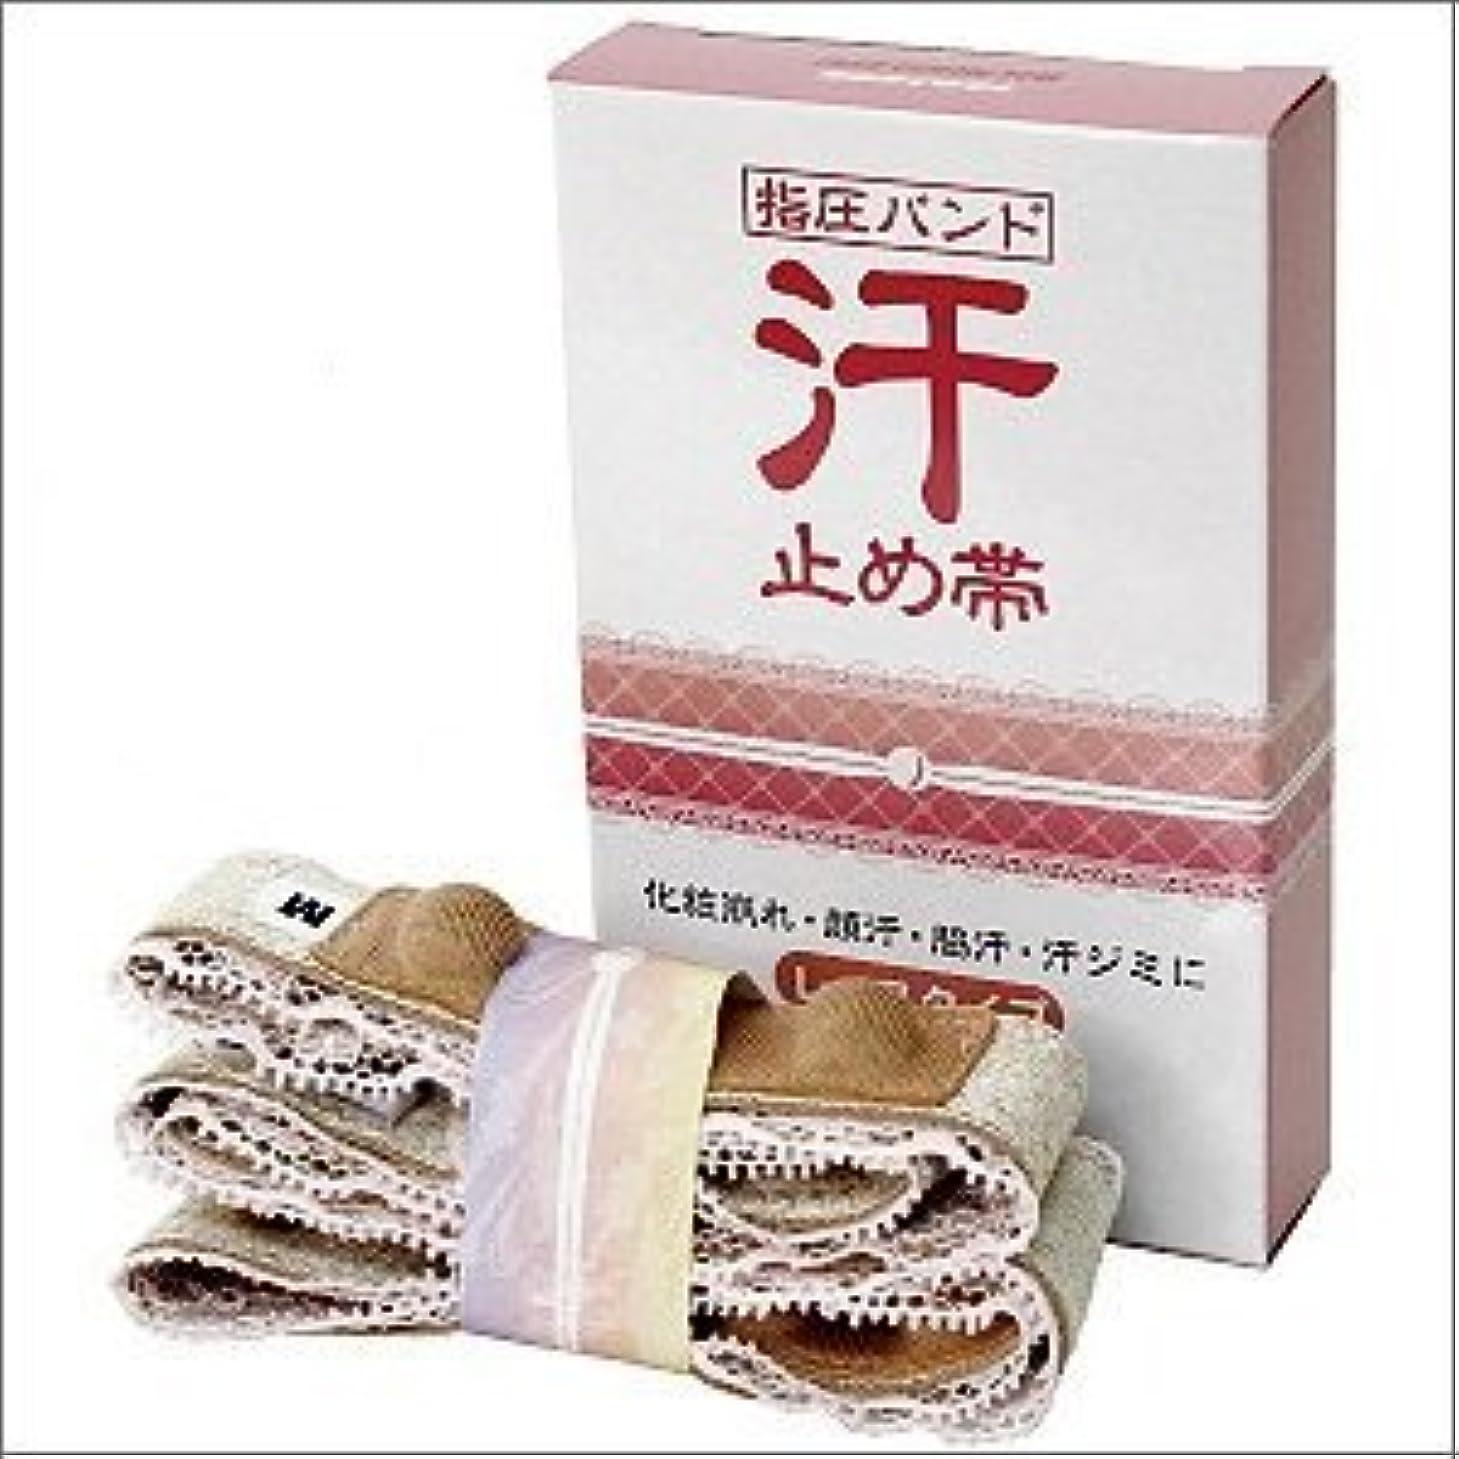 ライター時制大惨事汗止め帯 レースタイプ (XL(1050~1150mm), ピンク)